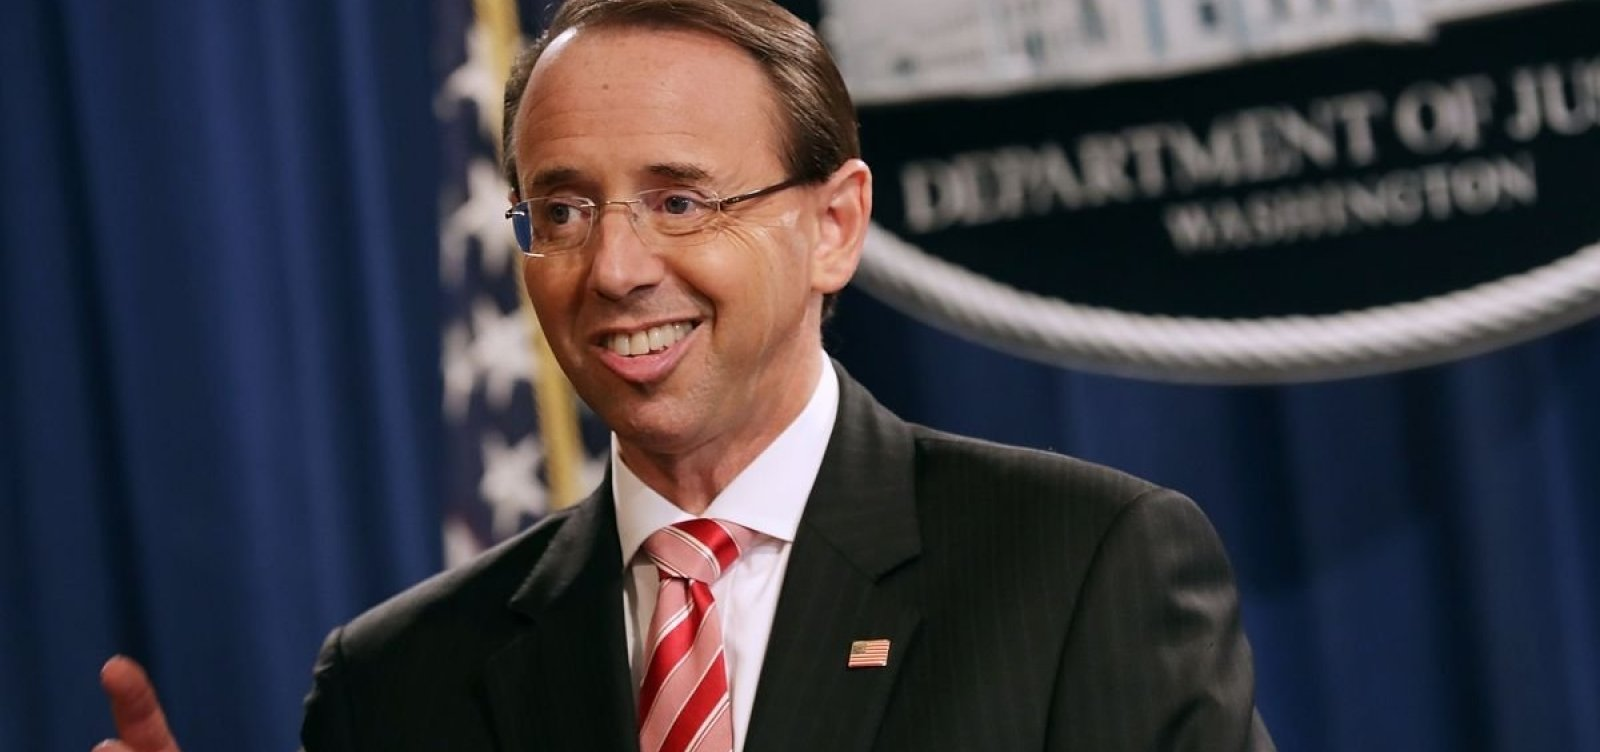 Secretário-assistente da Justiça dos EUA deve deixar posto no governo